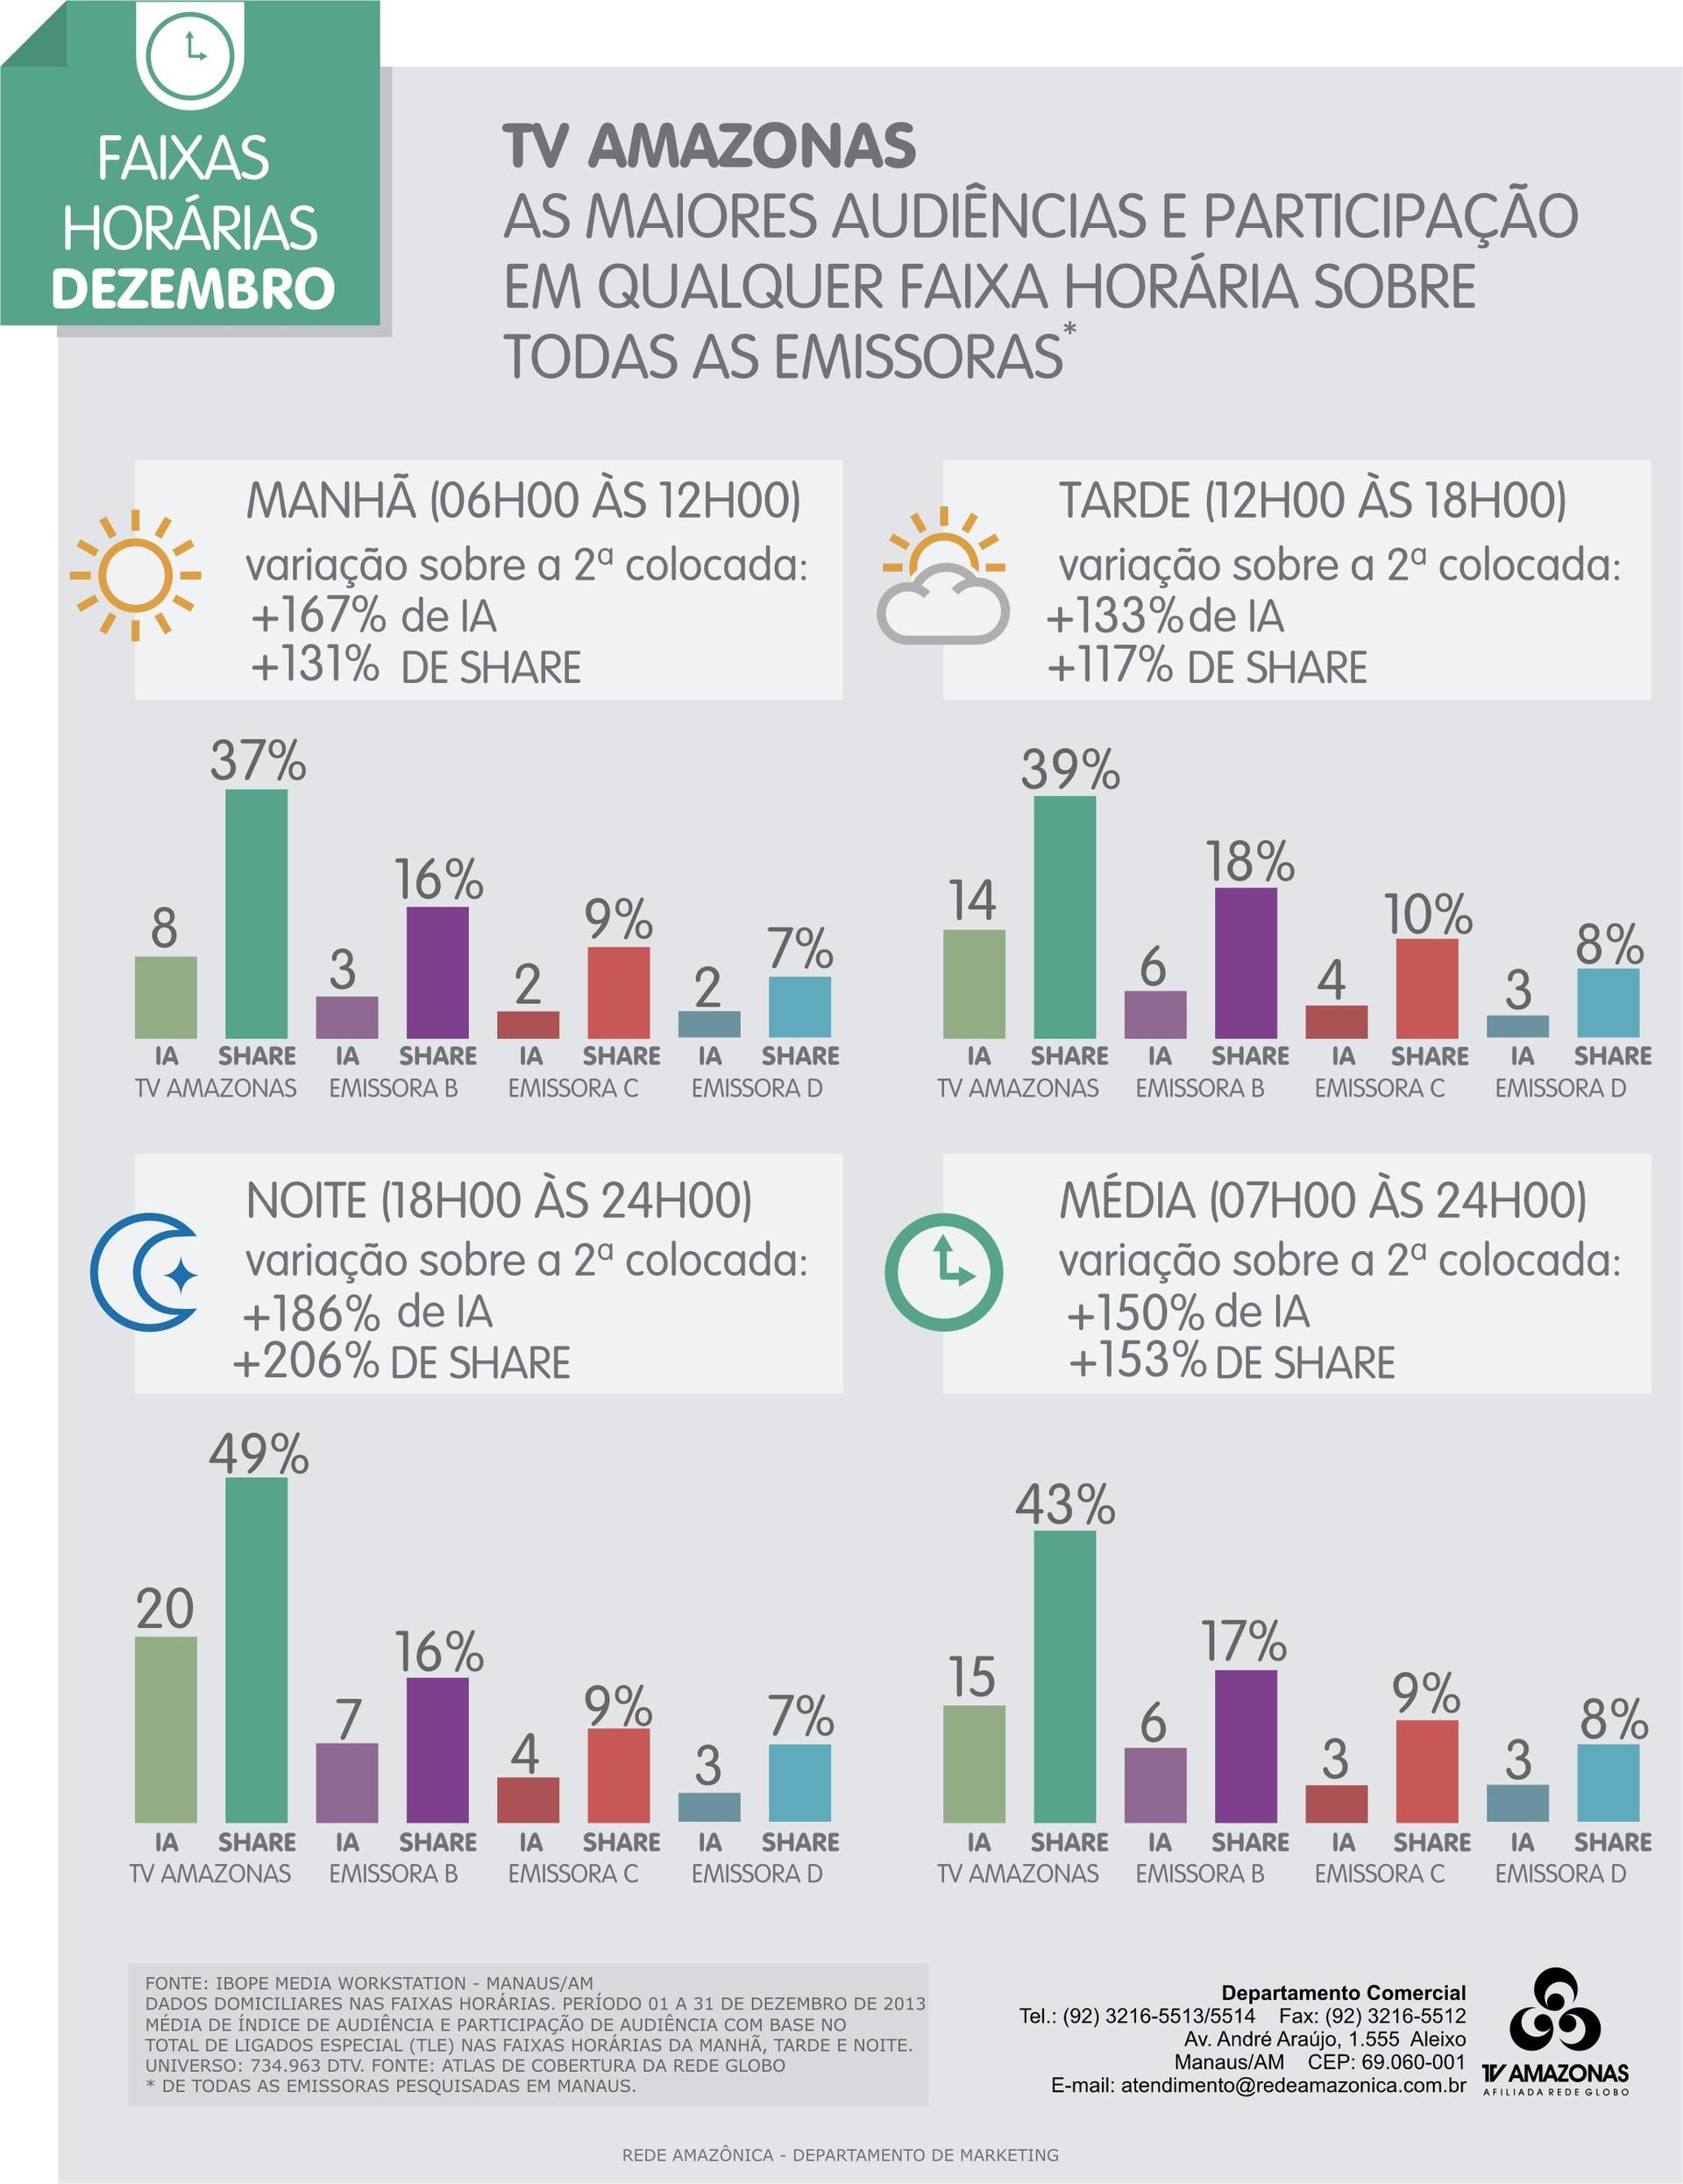 TV Amazonas: audiências por faixas horárias no mês de dezembro/2013 (Foto: TV Amazonas)